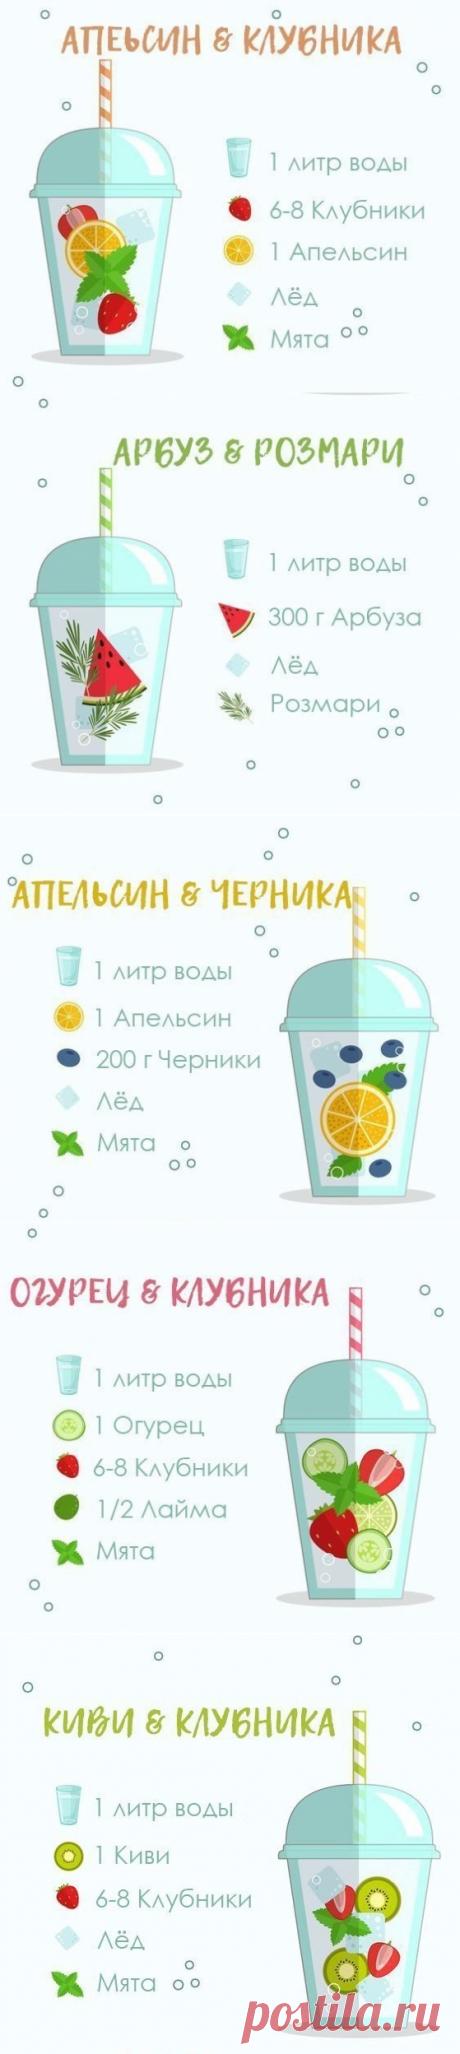 Крутые 5 здоровых рецепта Detox воды ...   Интересный контент в группе В здоровом теле- здоровый дух!